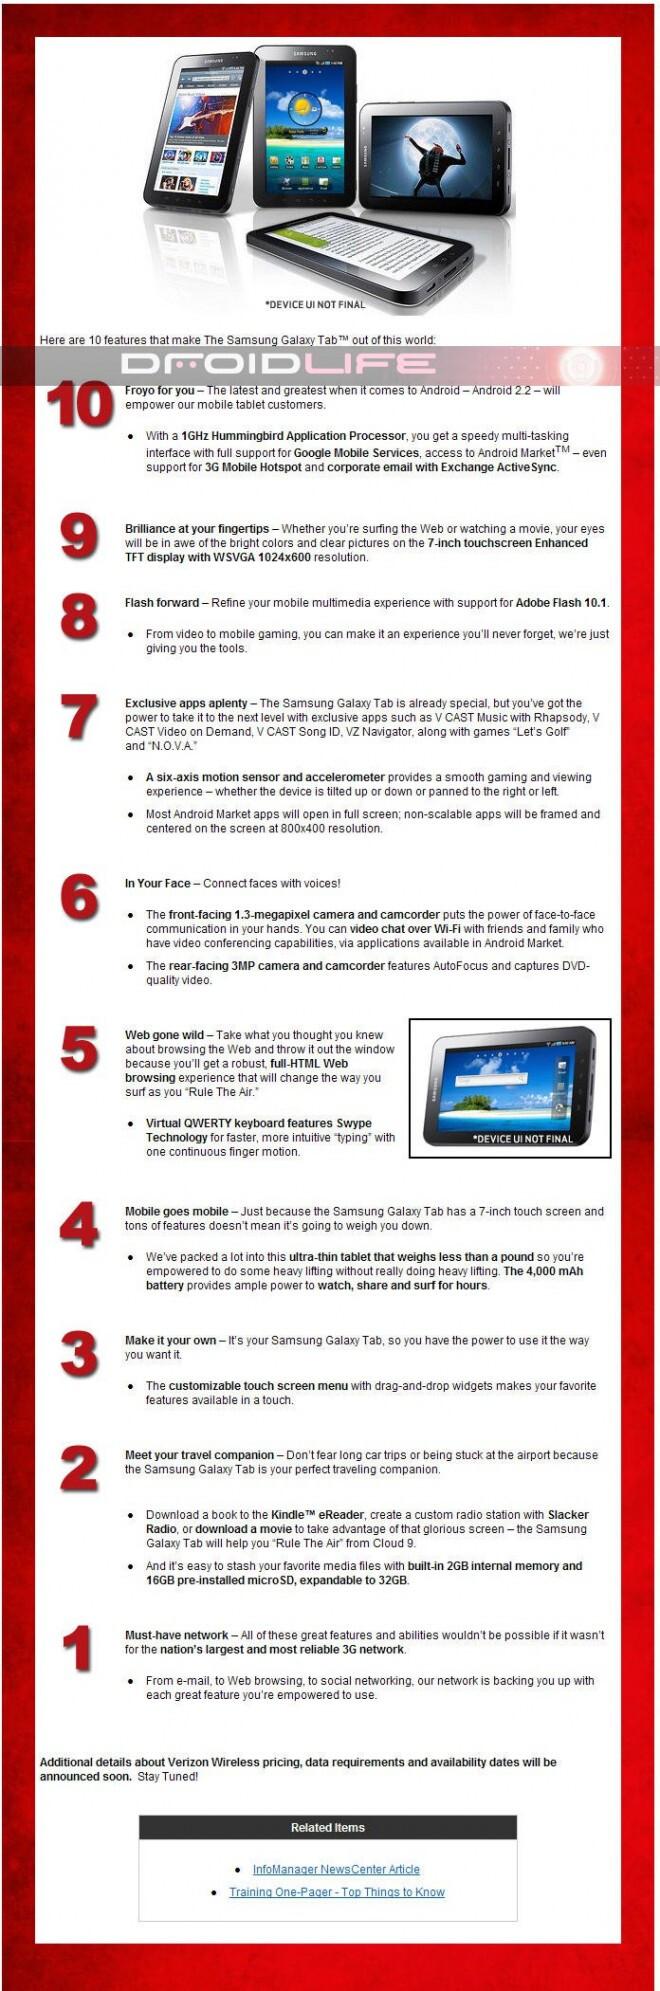 Verizon gives Top Ten reasons to buy a Samsung Galaxy Tab